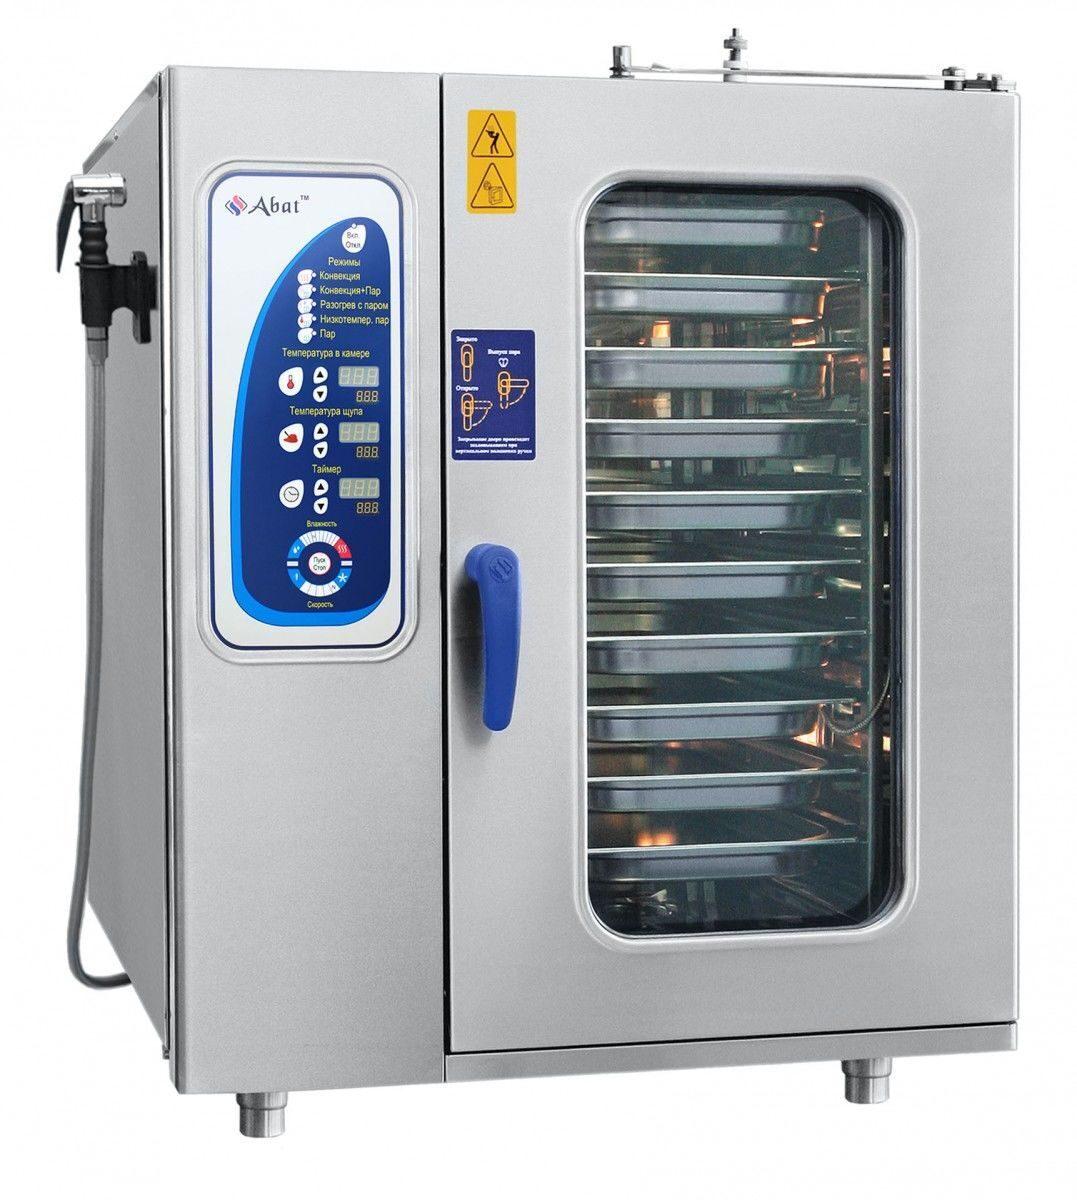 Прилавок встраиваемый для холодных блюд zanussi di4rod 340272